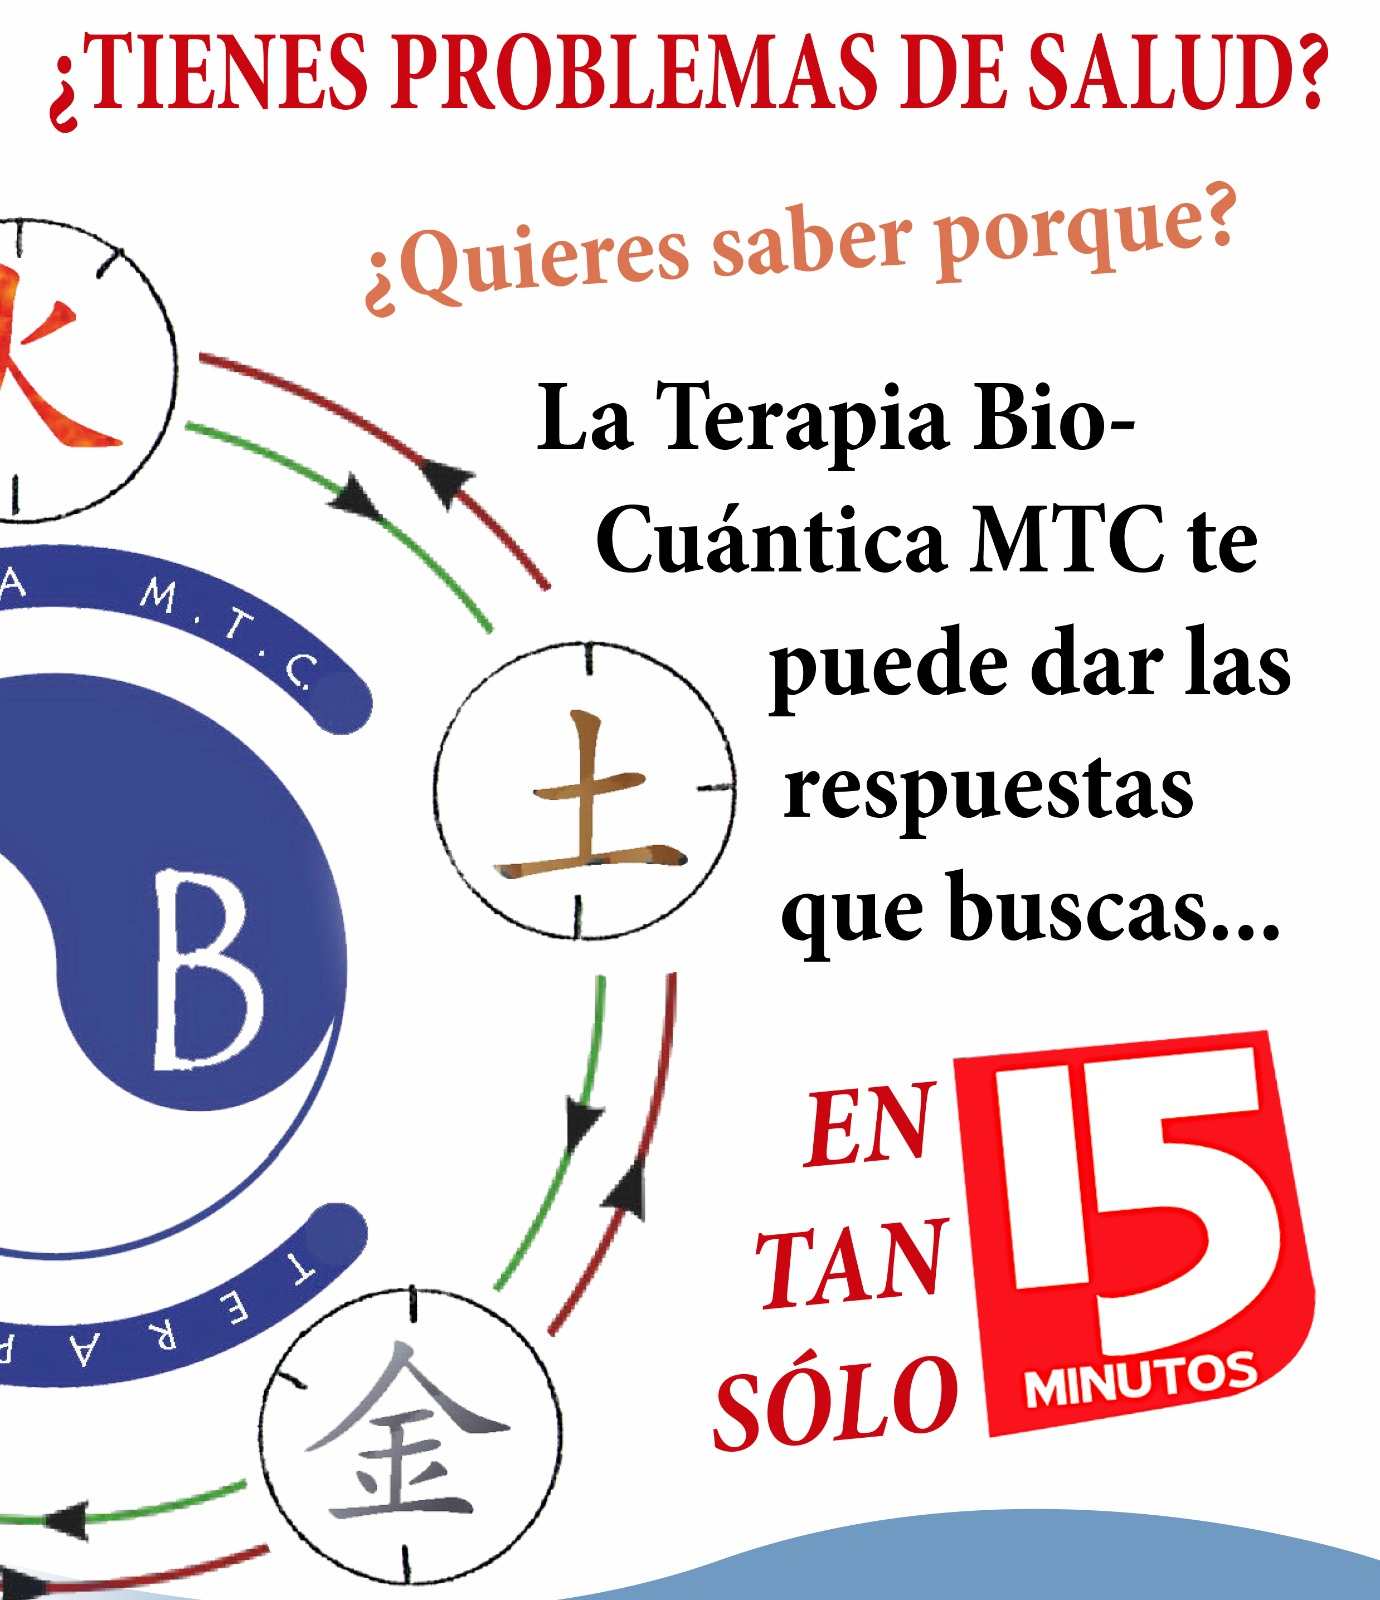 Demostraciones personalizadas de la Terapia Bio-Cuántica - MTC